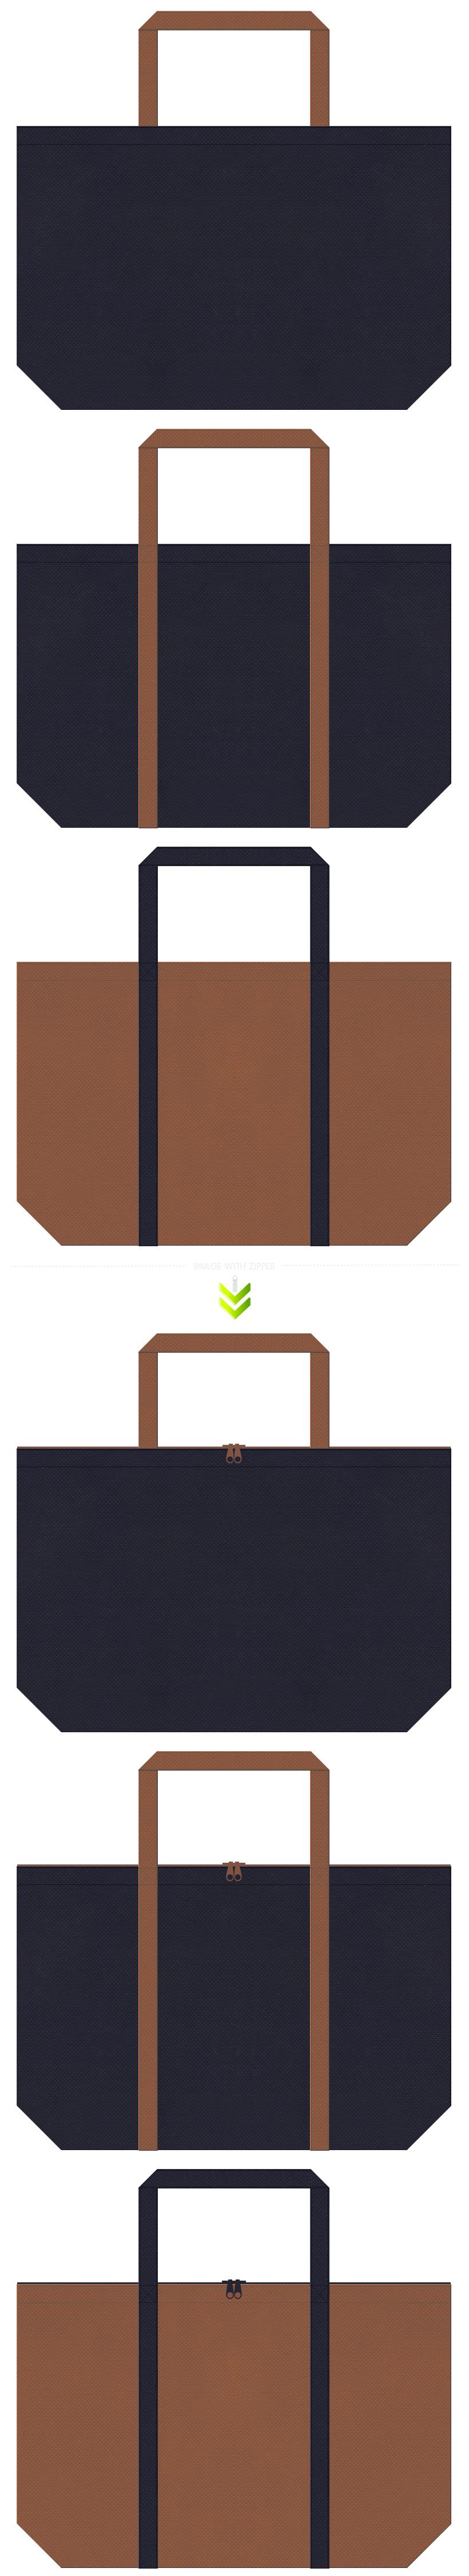 デニム・ジーンズ・カジュアル・メンズ・アウトレット・ゲーム・テーマパーク・カントリー・ウェスタン・カウボーイ・ウィスキー・馬車・乗馬クラブ・牧場イベントのノベルティにお奨めの不織布バッグデザイン:濃紺色と茶色のコーデ